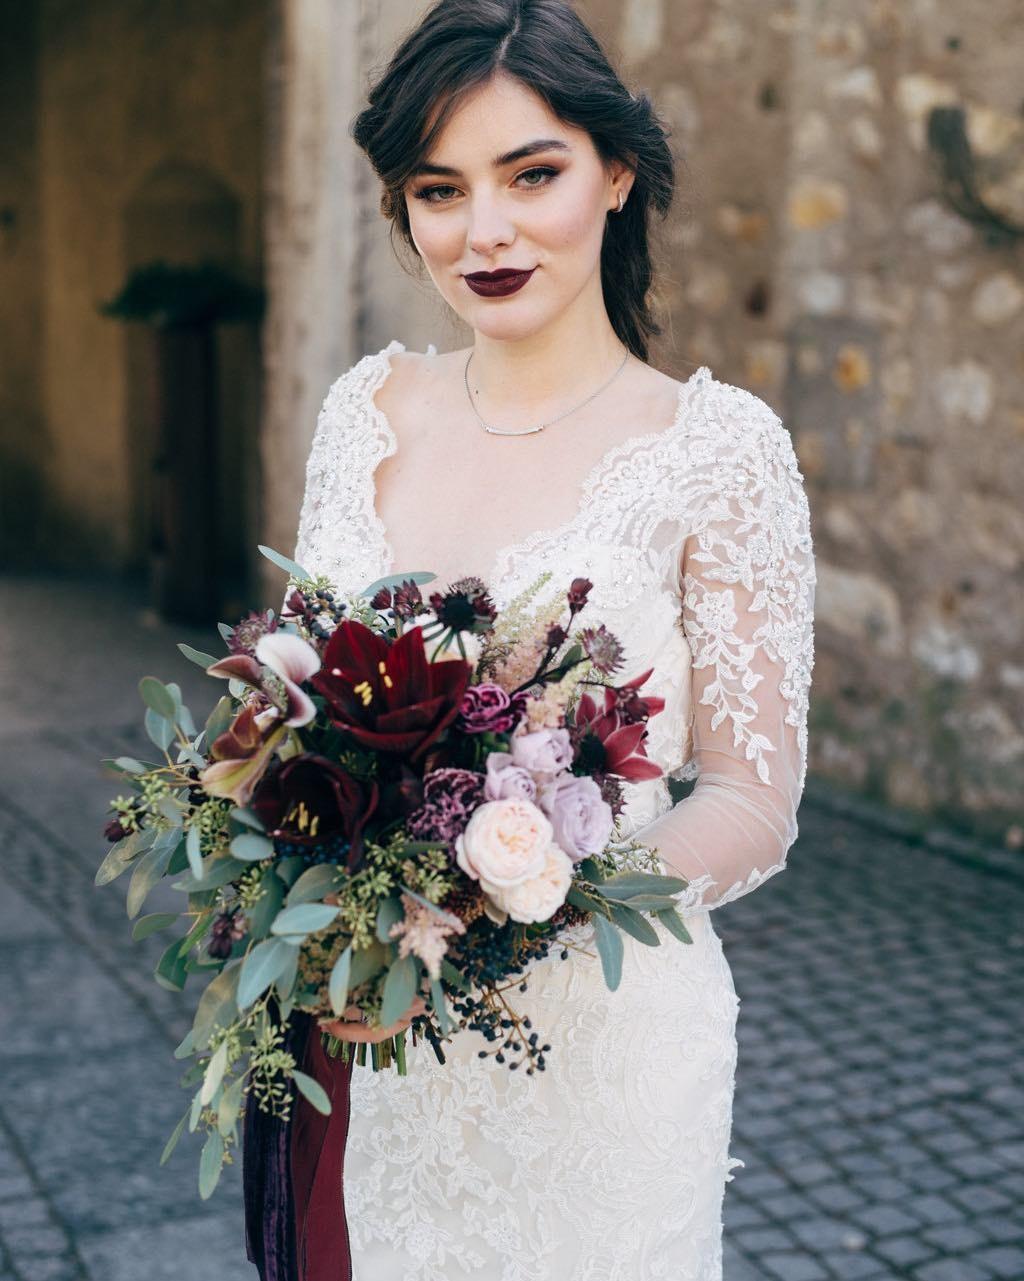 Свадебные букеты для самых красивых невест: модные тенденции 2019 | 12